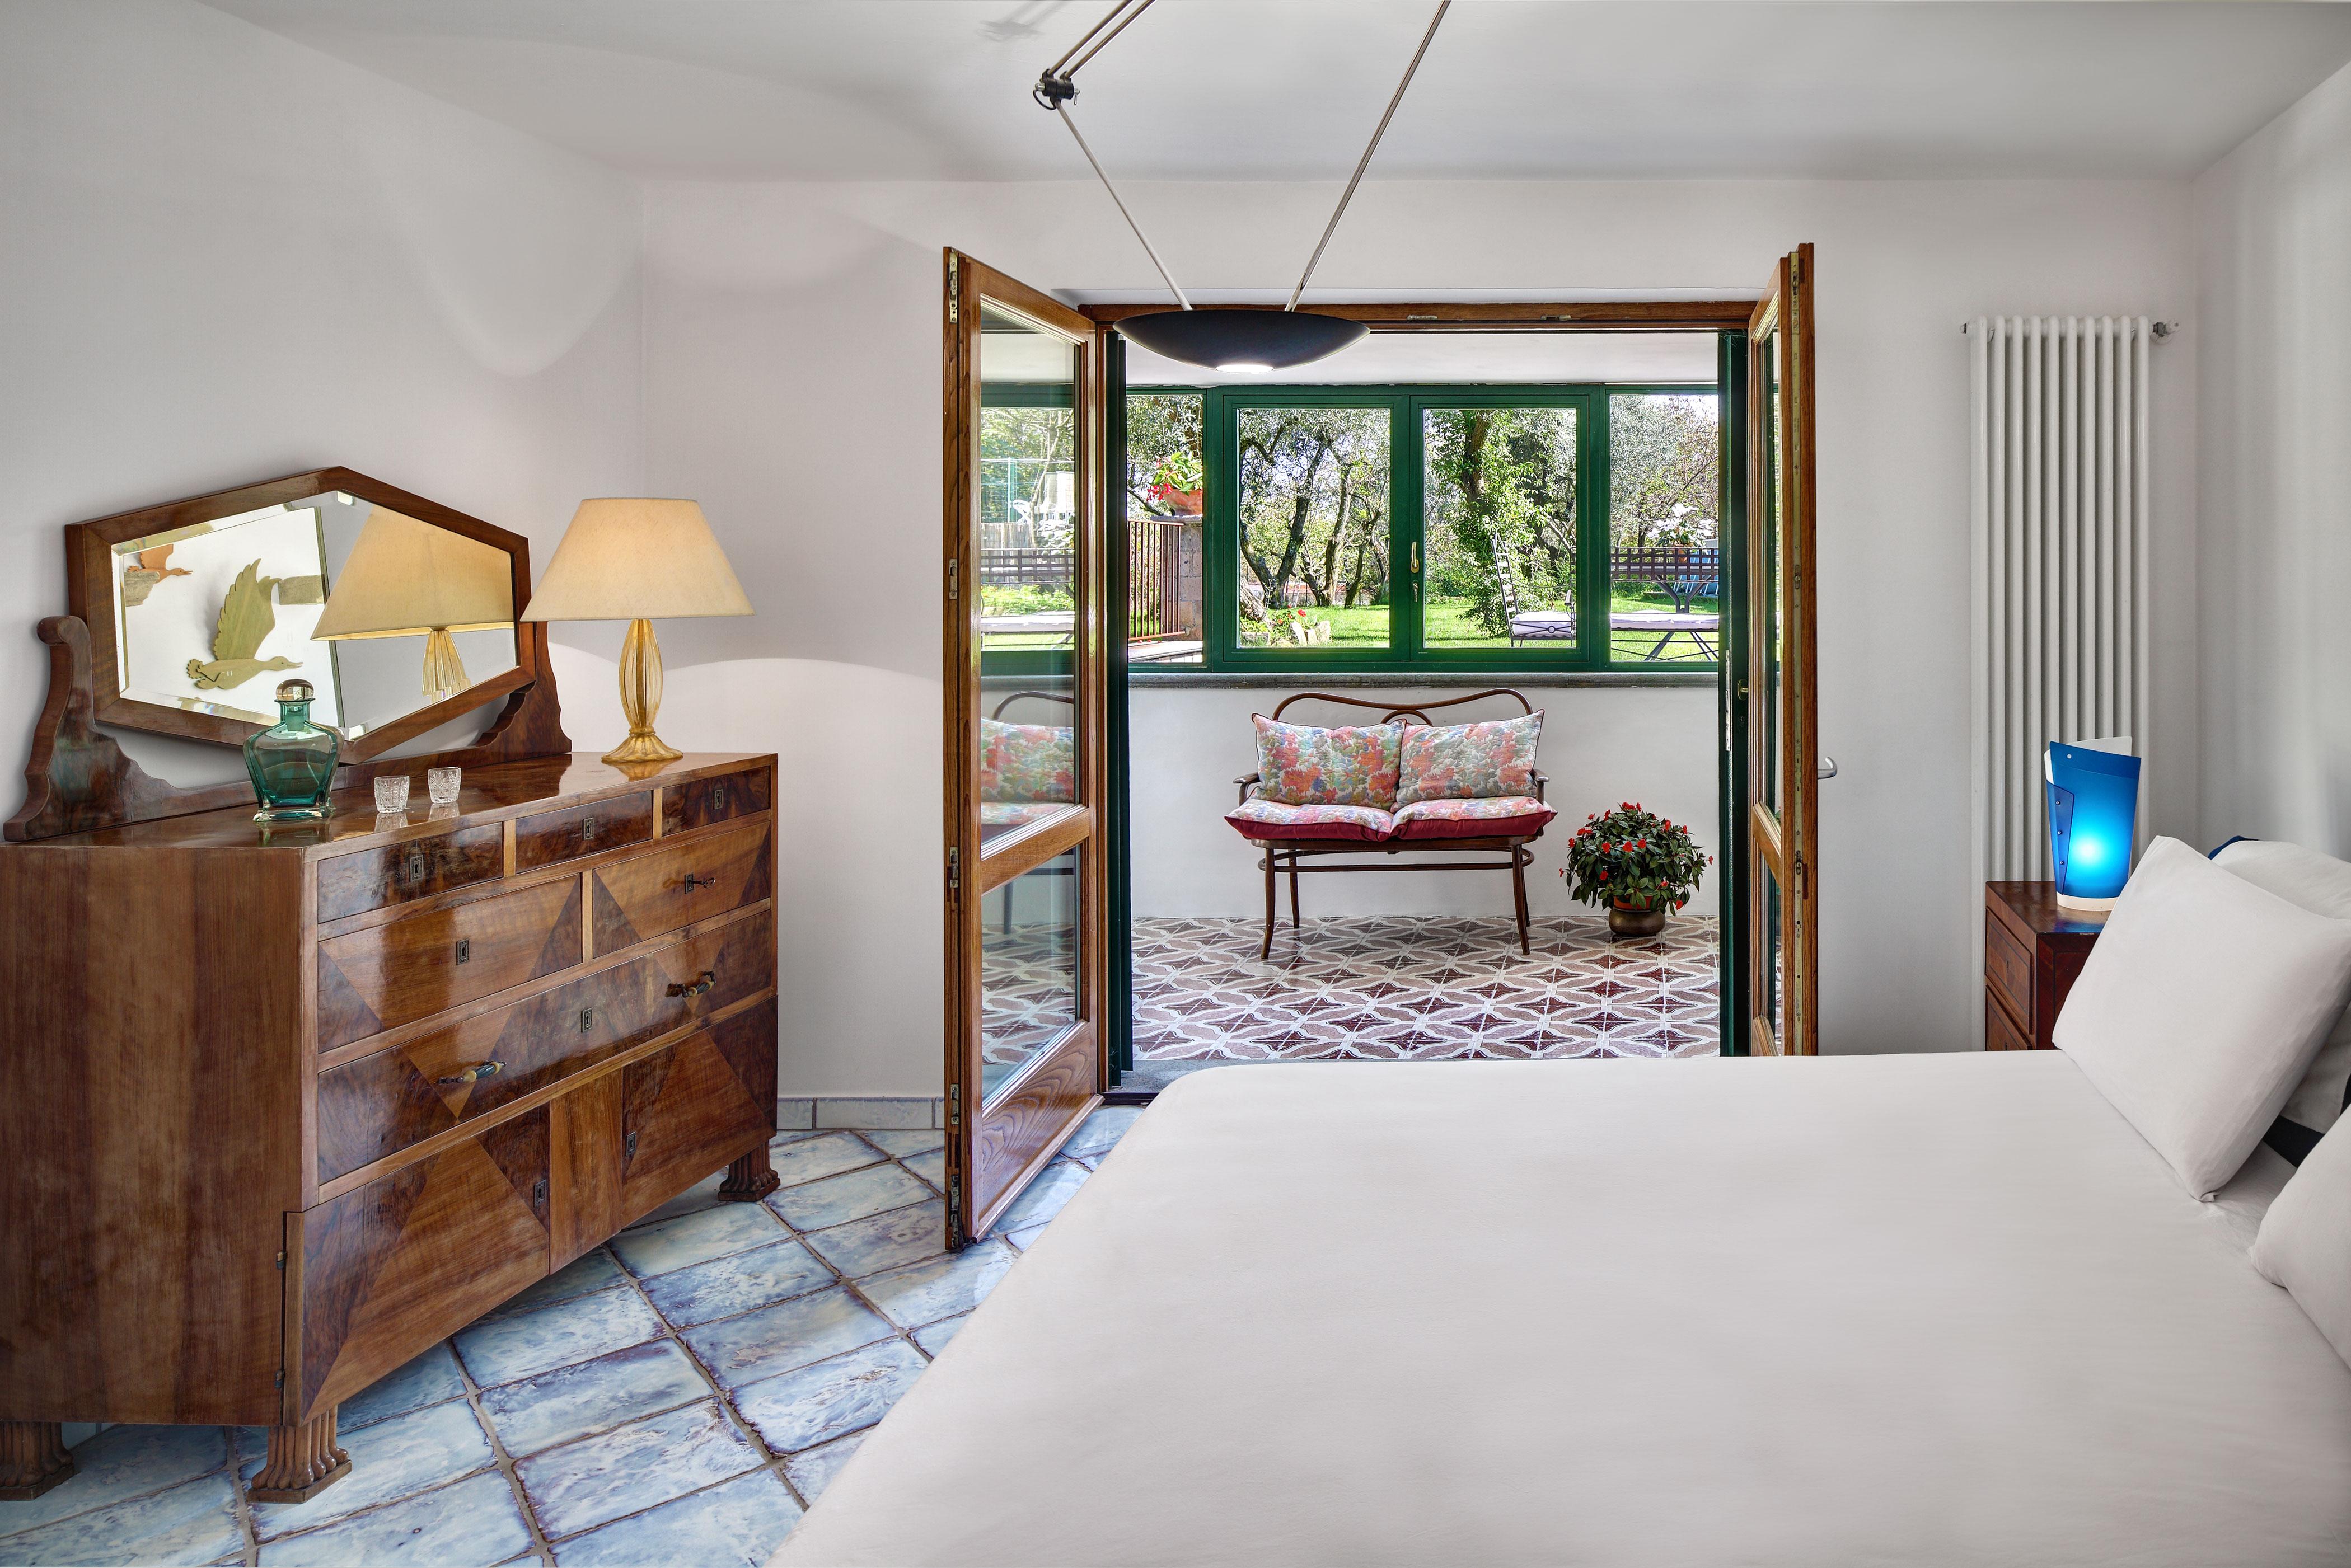 Apartment Villa Vesuvio - Luxury and Beauty photo 25033423